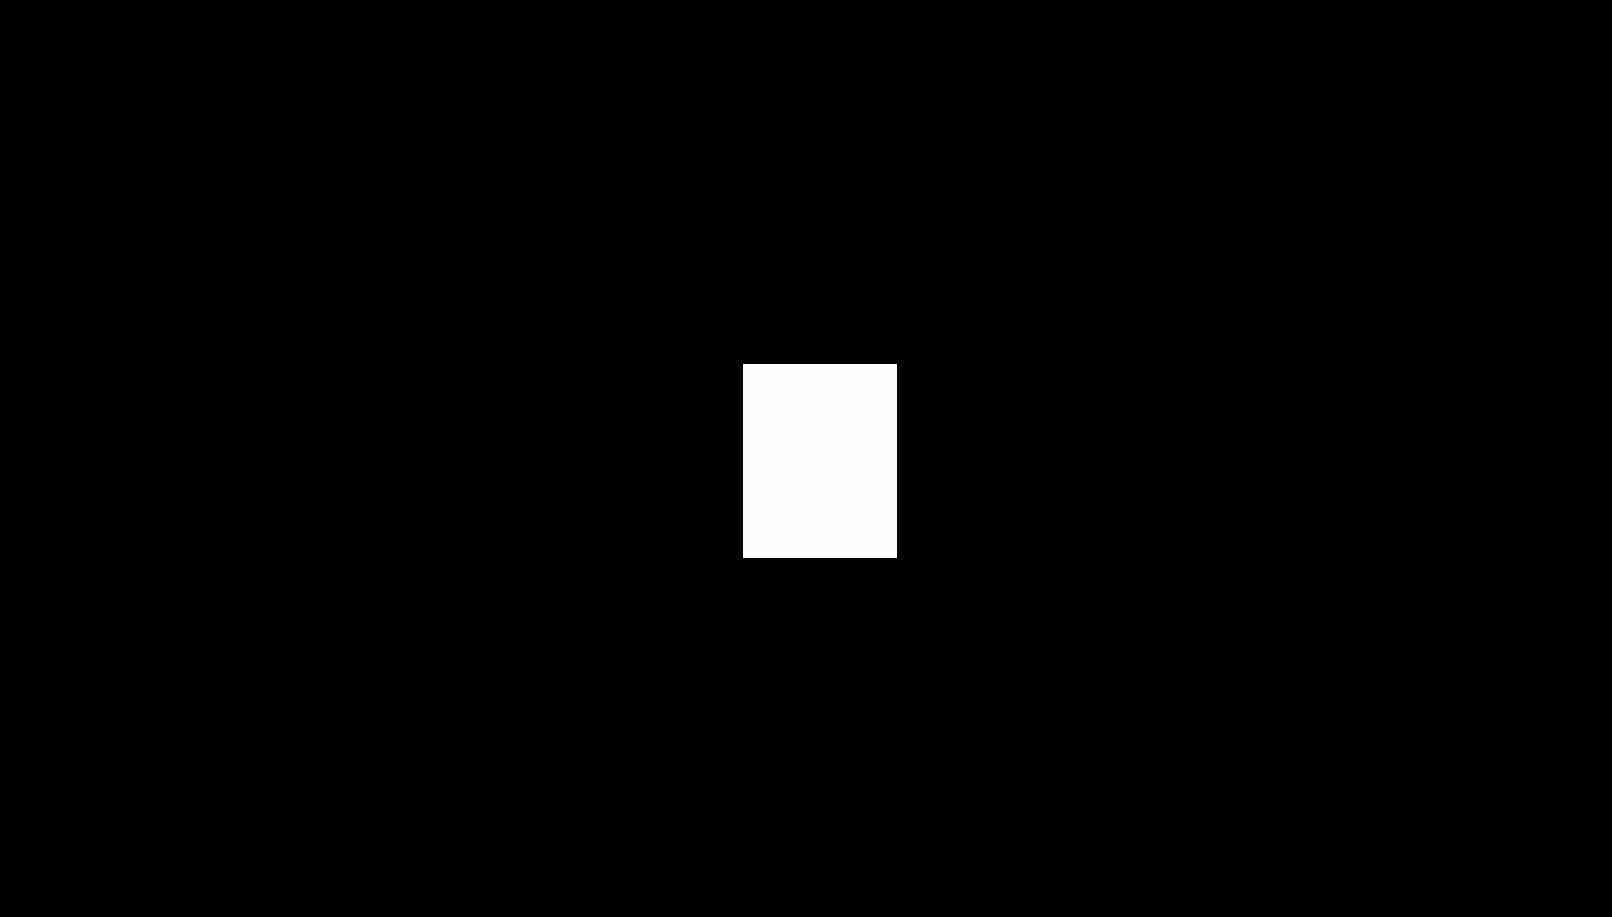 Minimal-Landing-Page-Animation-Using-GSAP